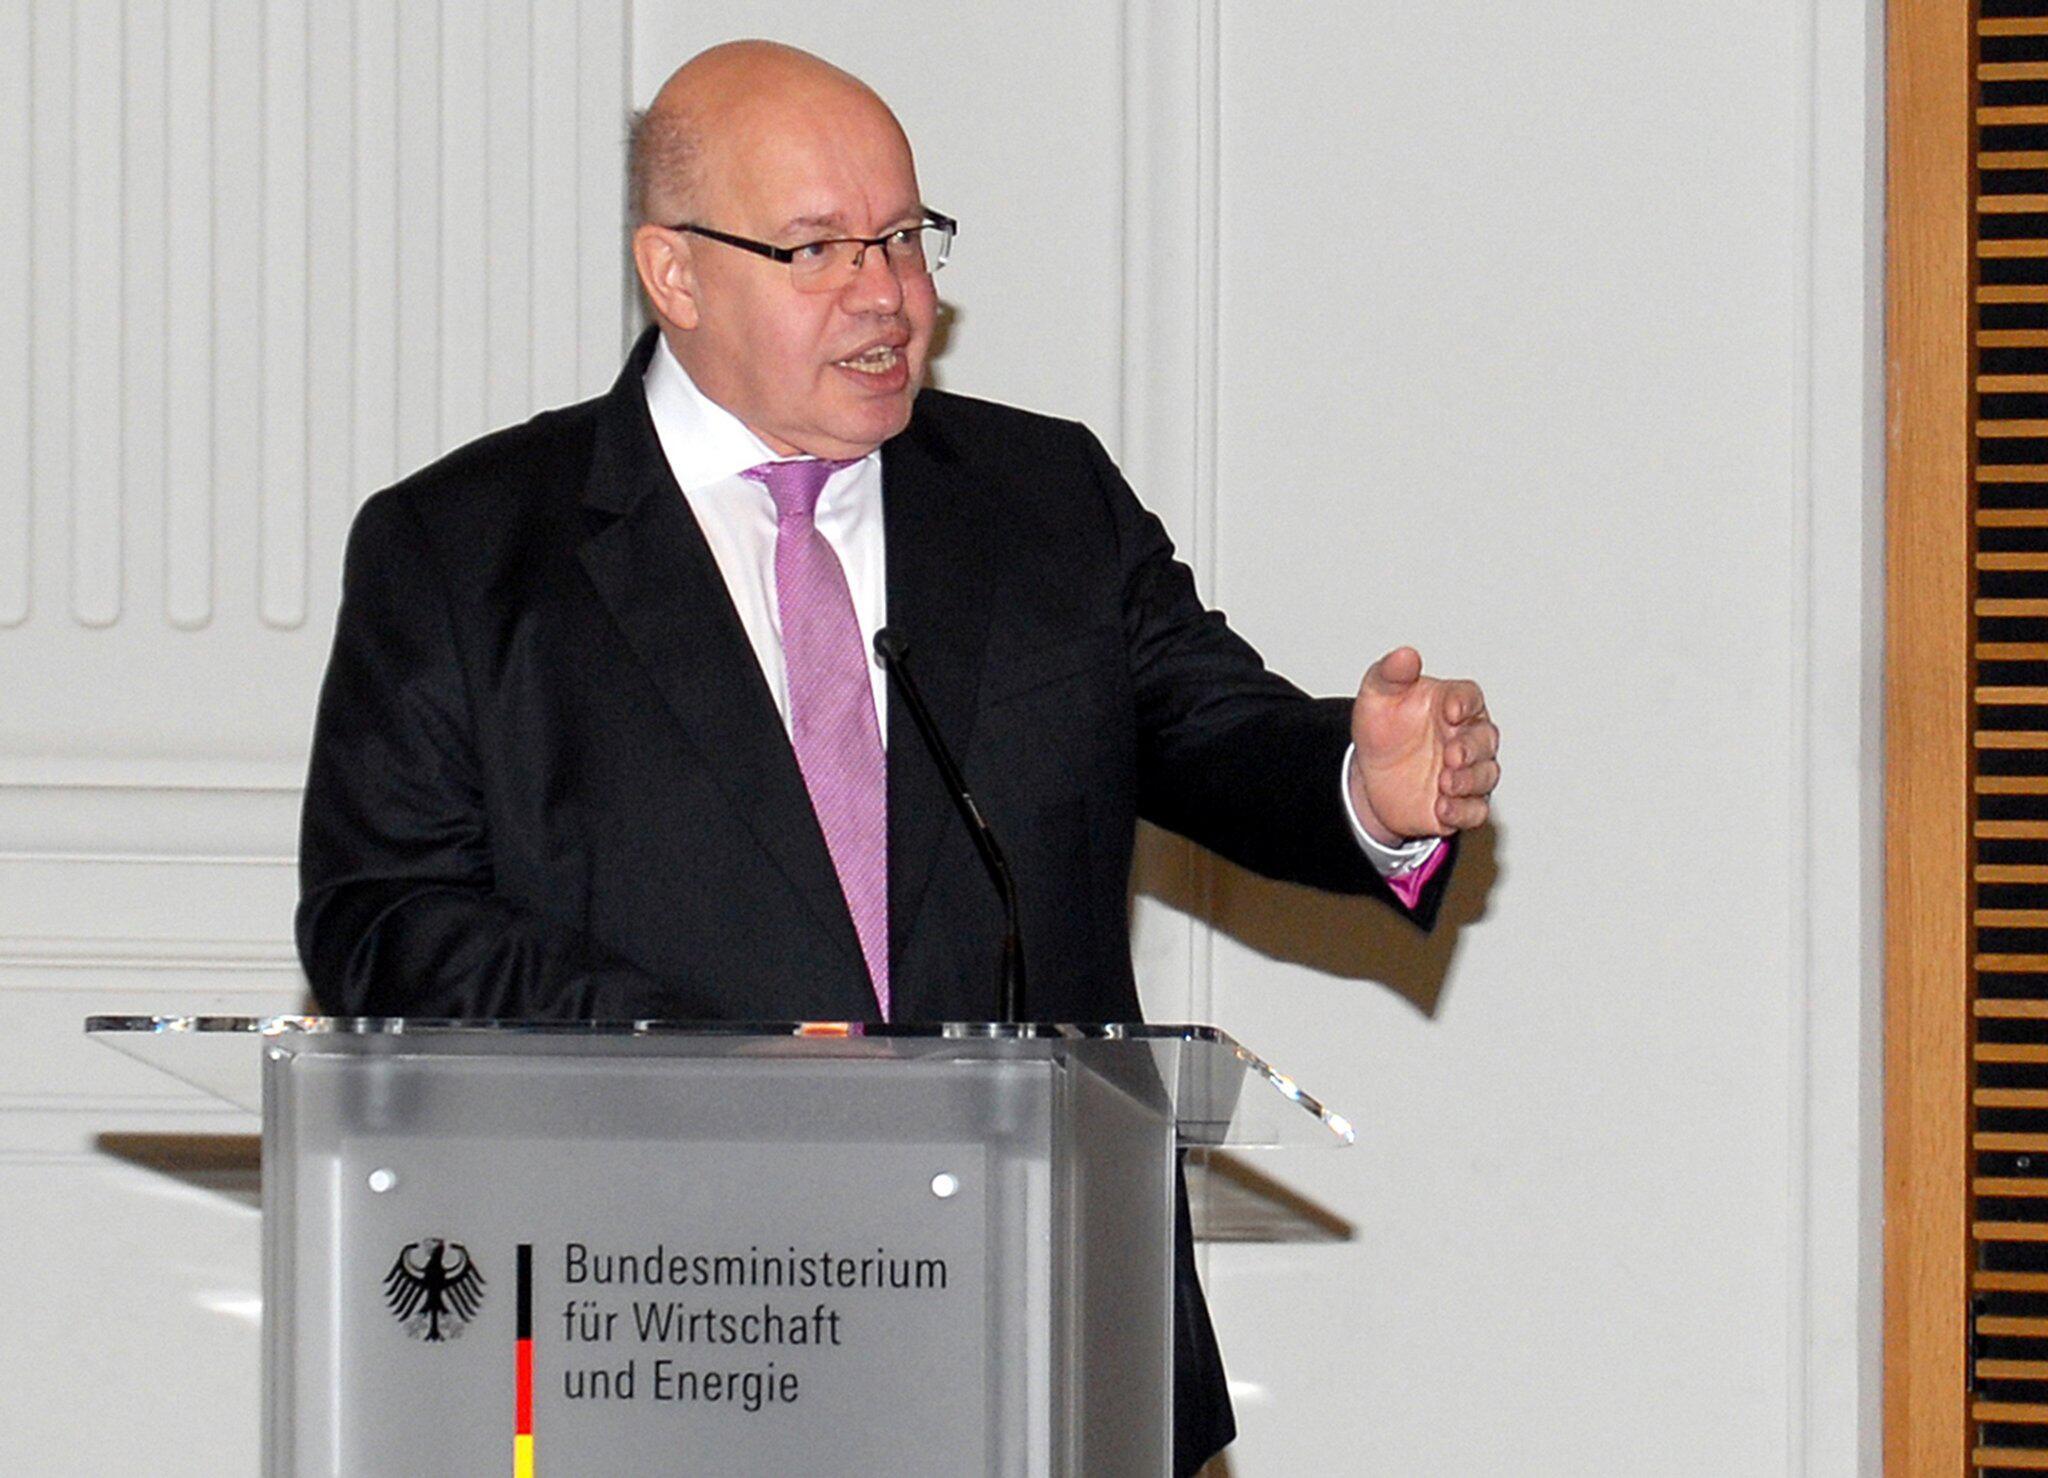 Bild zu Verabschiedung Matthias Machnig, Rede Peter Altmaier